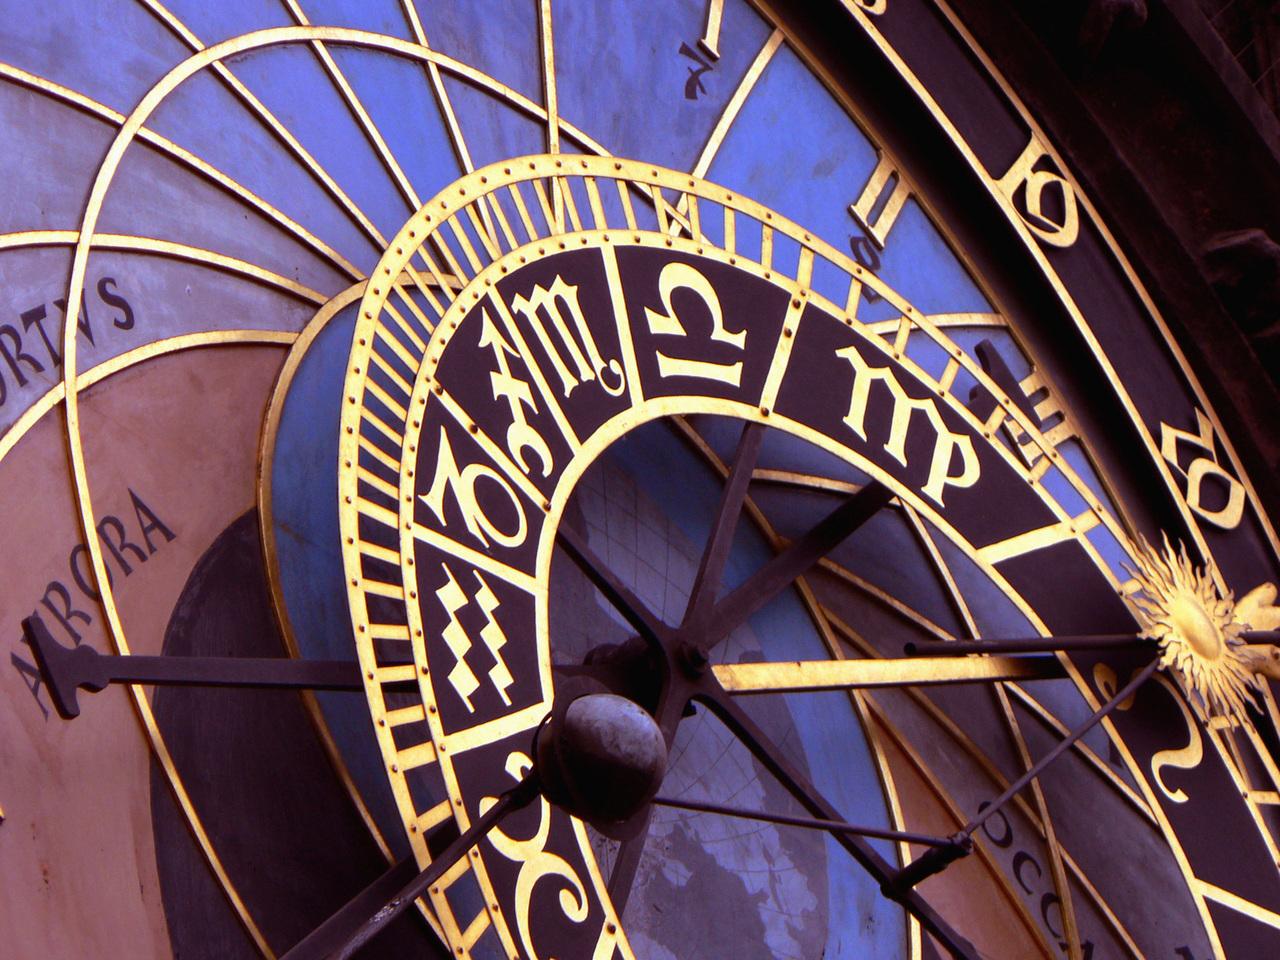 prague-orloj-1426695-1280×960